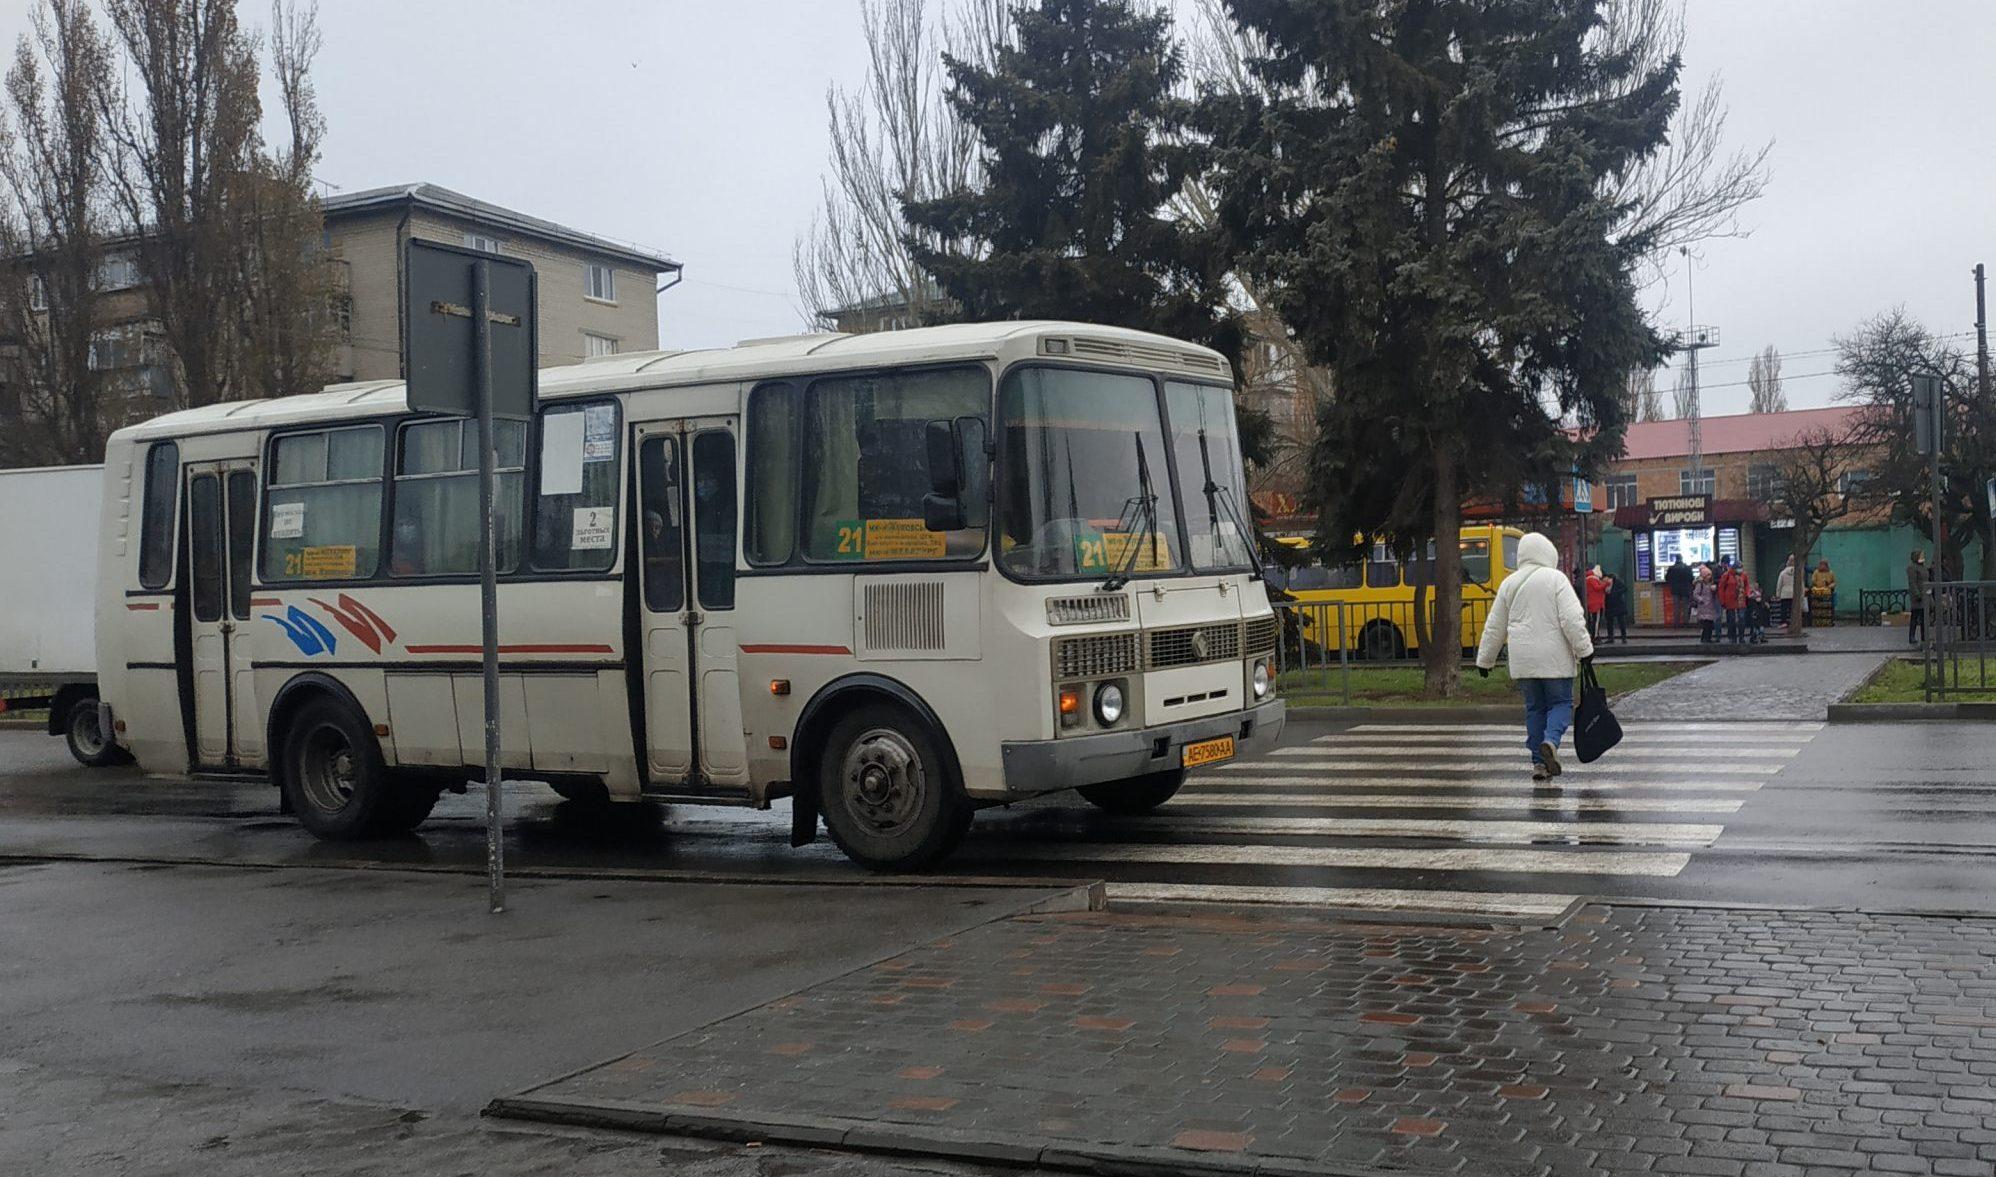 Никопольские перевозчики жалуются на работу полиции | Прихист